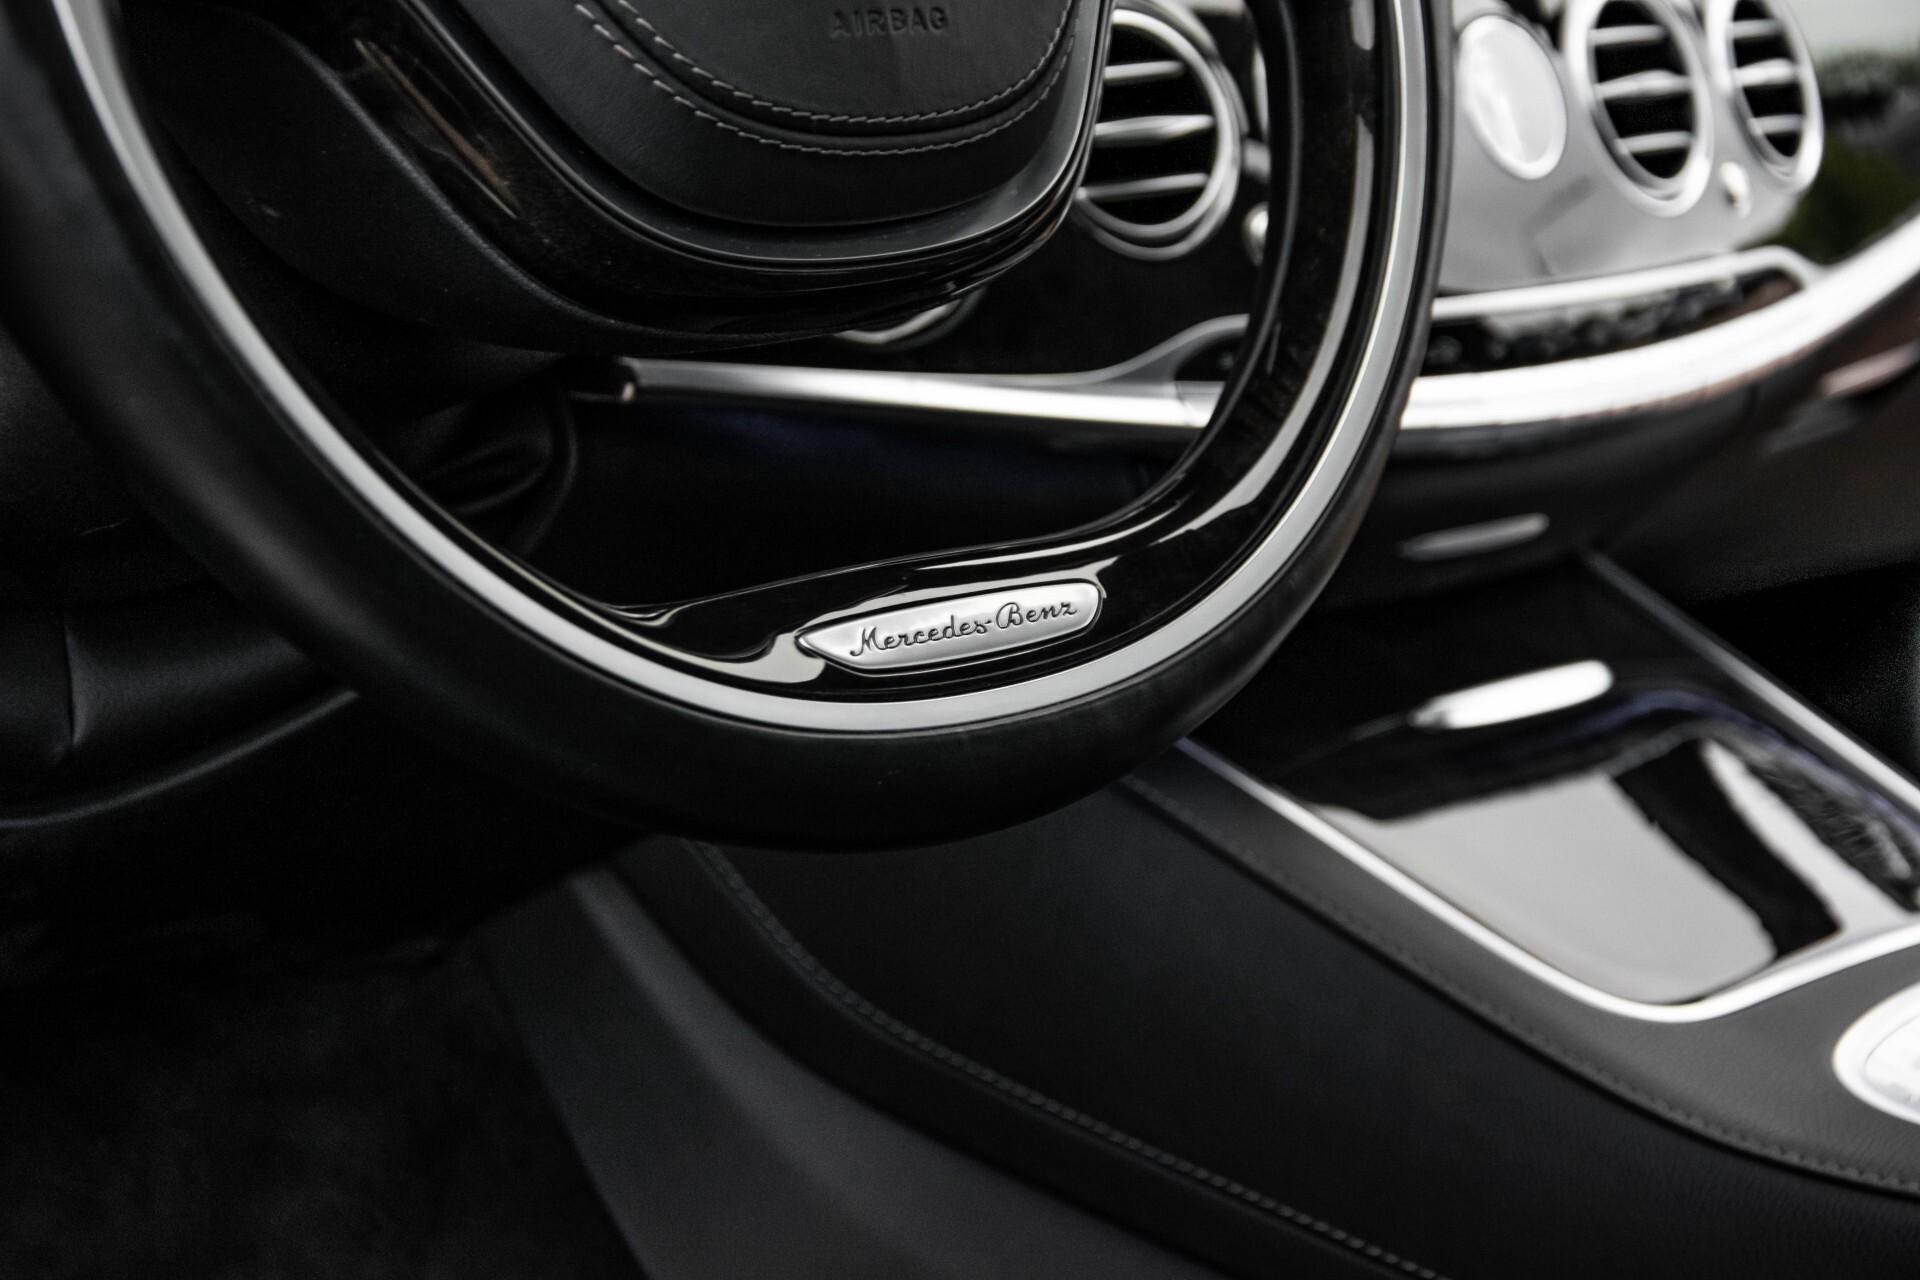 Mercedes-Benz S-Klasse 500 4M AMG Panorama/Standkachel/Massage/Entertainment/TV Aut7 Foto 33